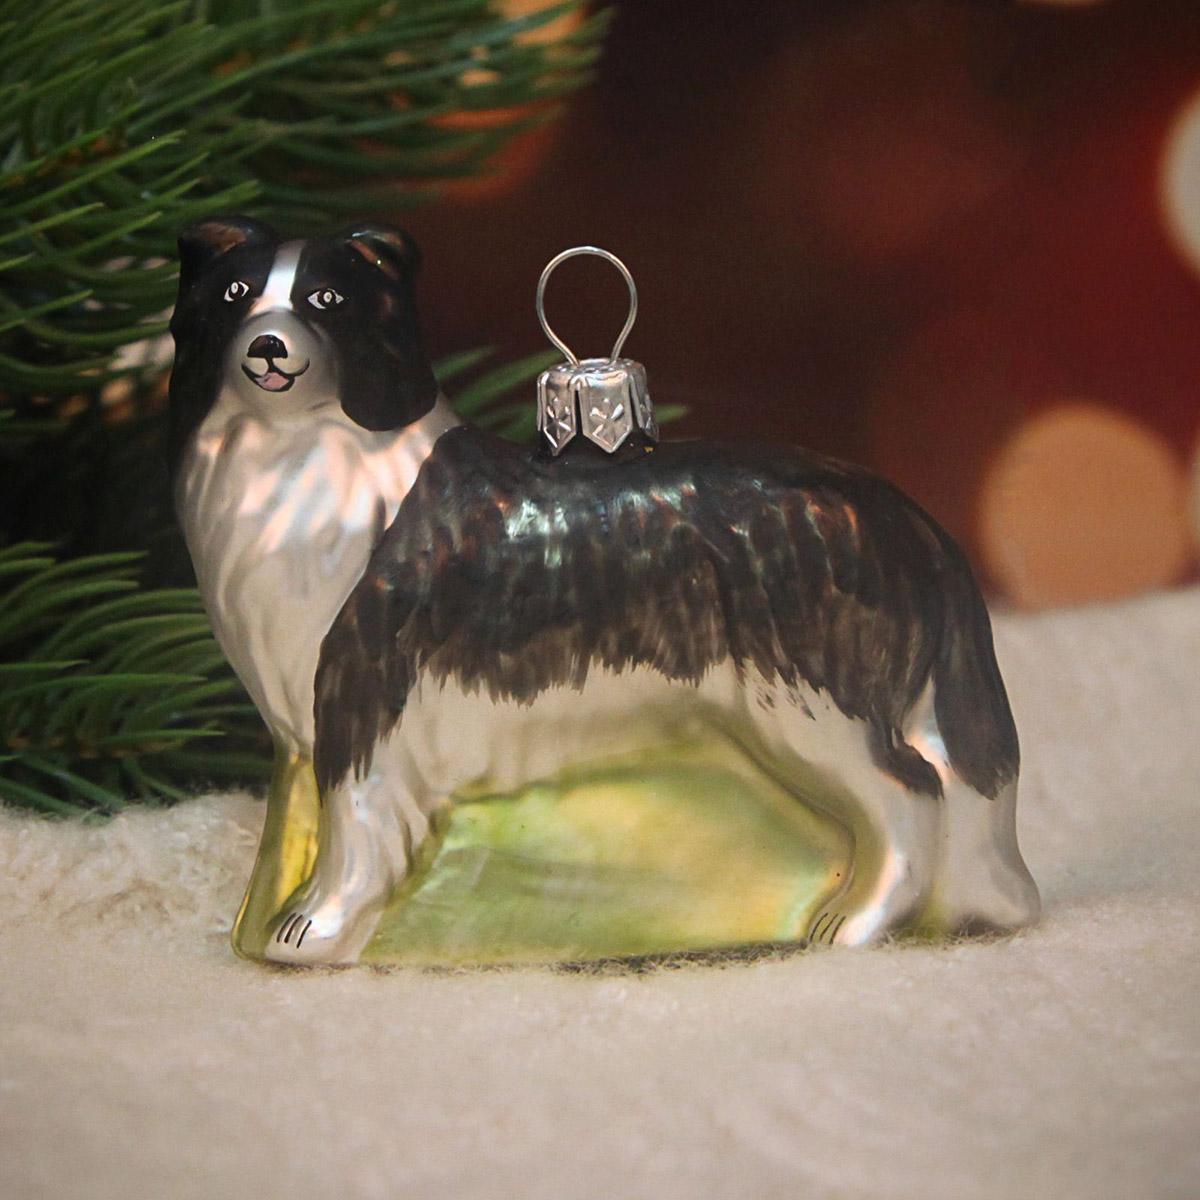 Украшение новогоднее елочное Hanco Design Собака-колли, высота 7 см106367Невозможно представить нашу жизнь без праздников! Мы всегда ждём их и предвкушаем, обдумываем, как проведём памятный день, тщательно выбираем подарки и аксессуары, ведь именно они создают и поддерживают торжественный настрой.